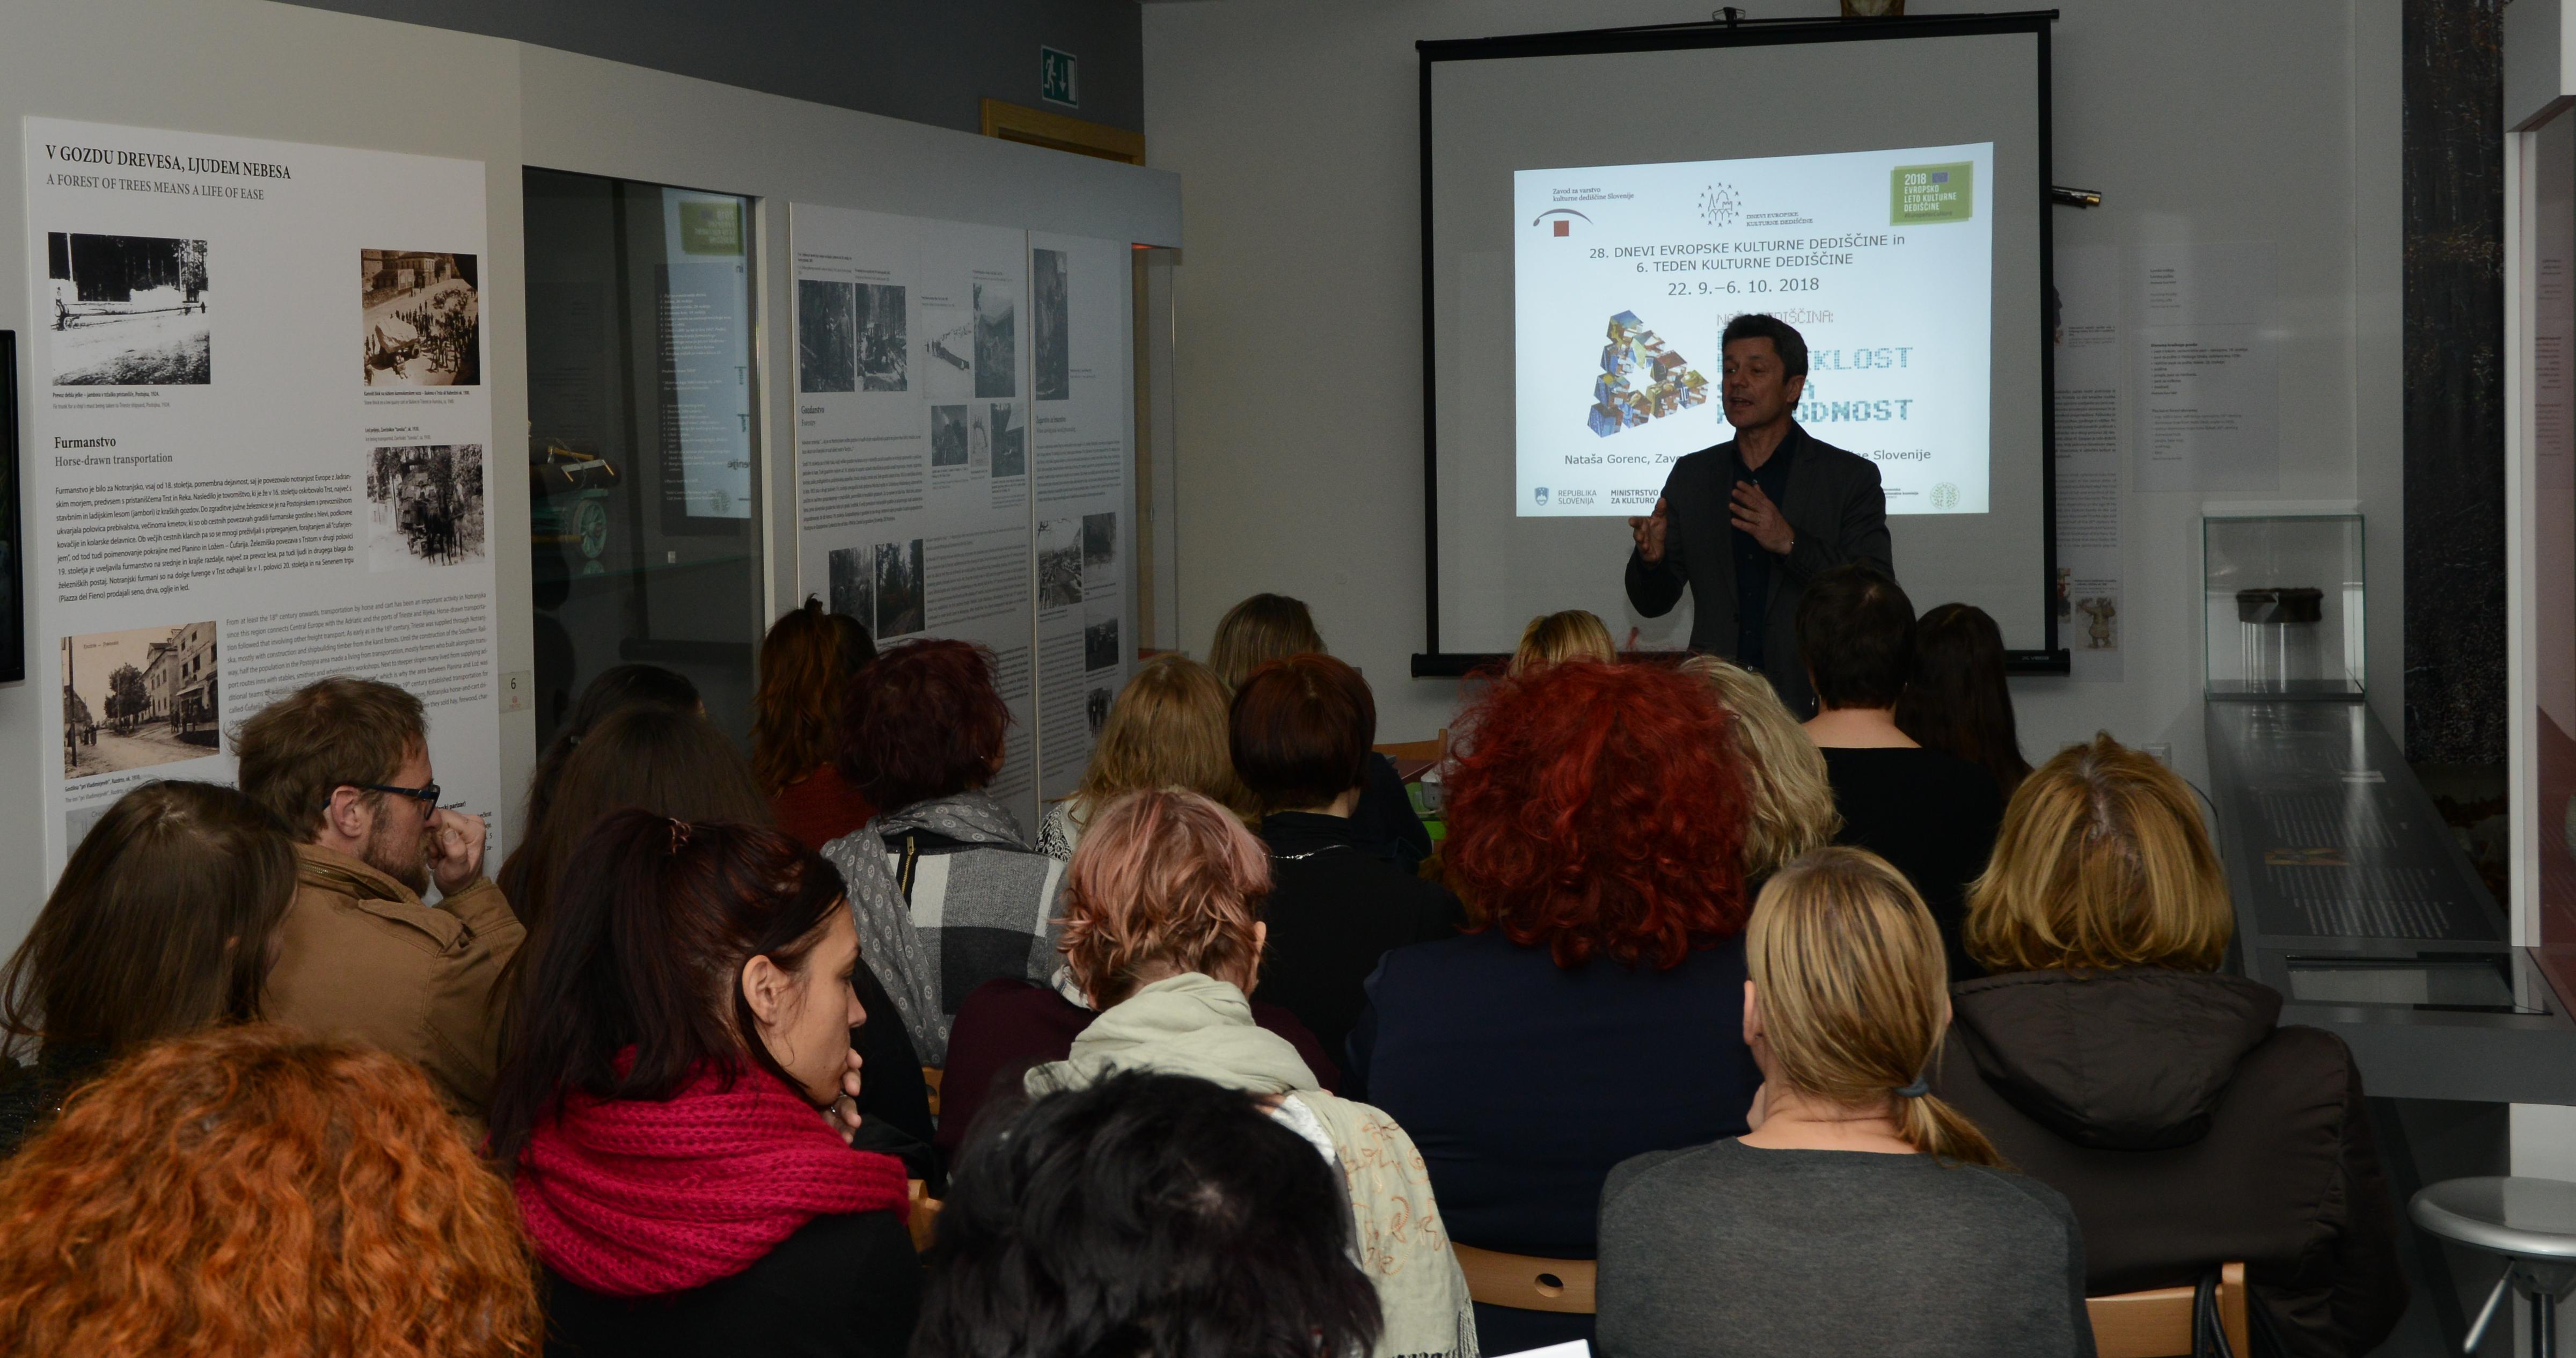 Regionalno srečanje DEKD in TKD v Notranjskem muzeju Postojna